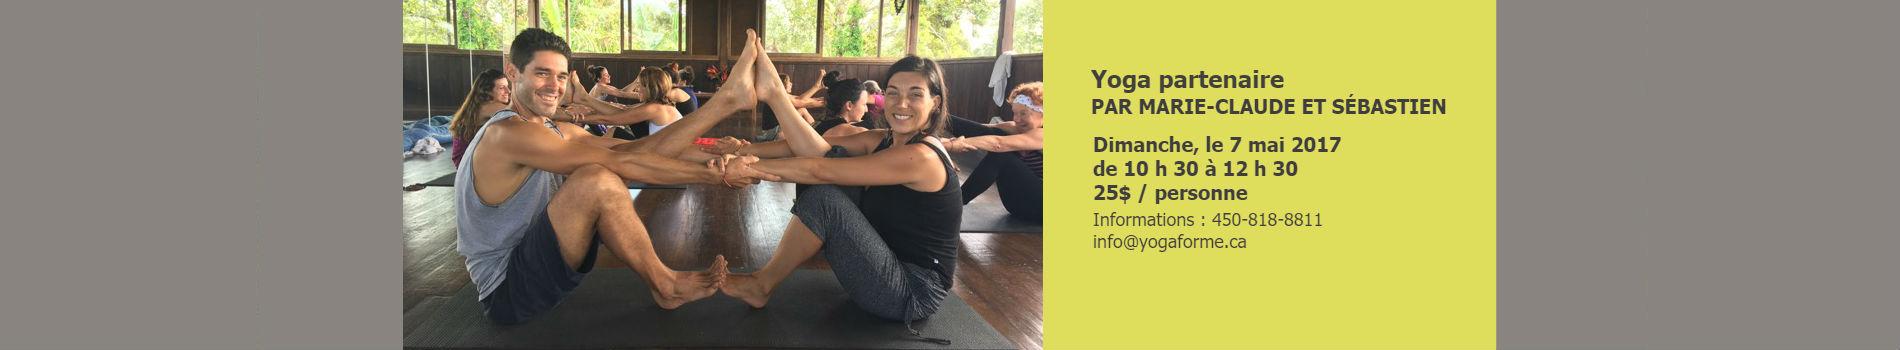 yoga_partenaire-1